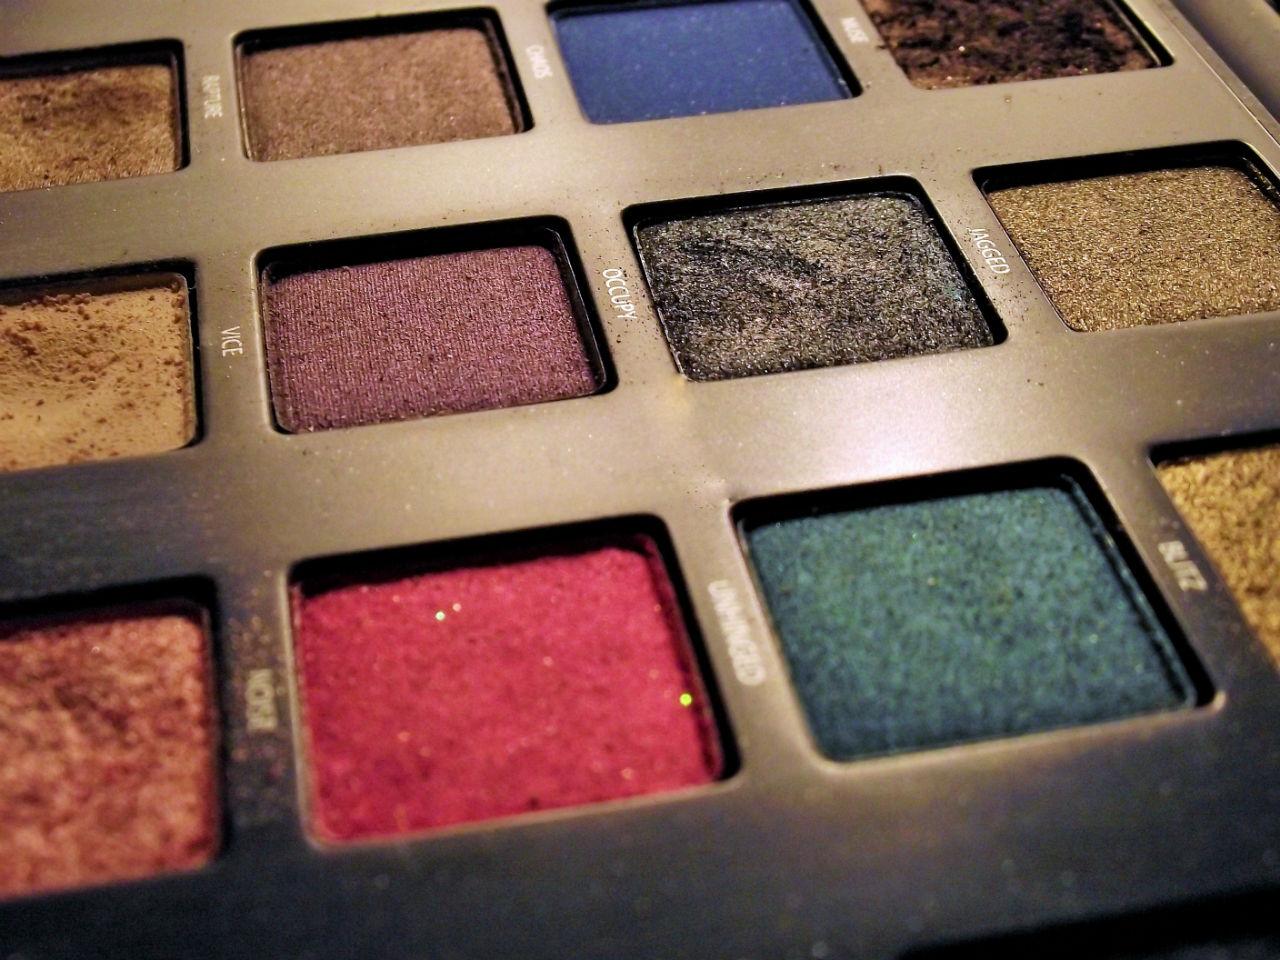 Comment bien choisir les couleurs sur ma palette de maquillage ?